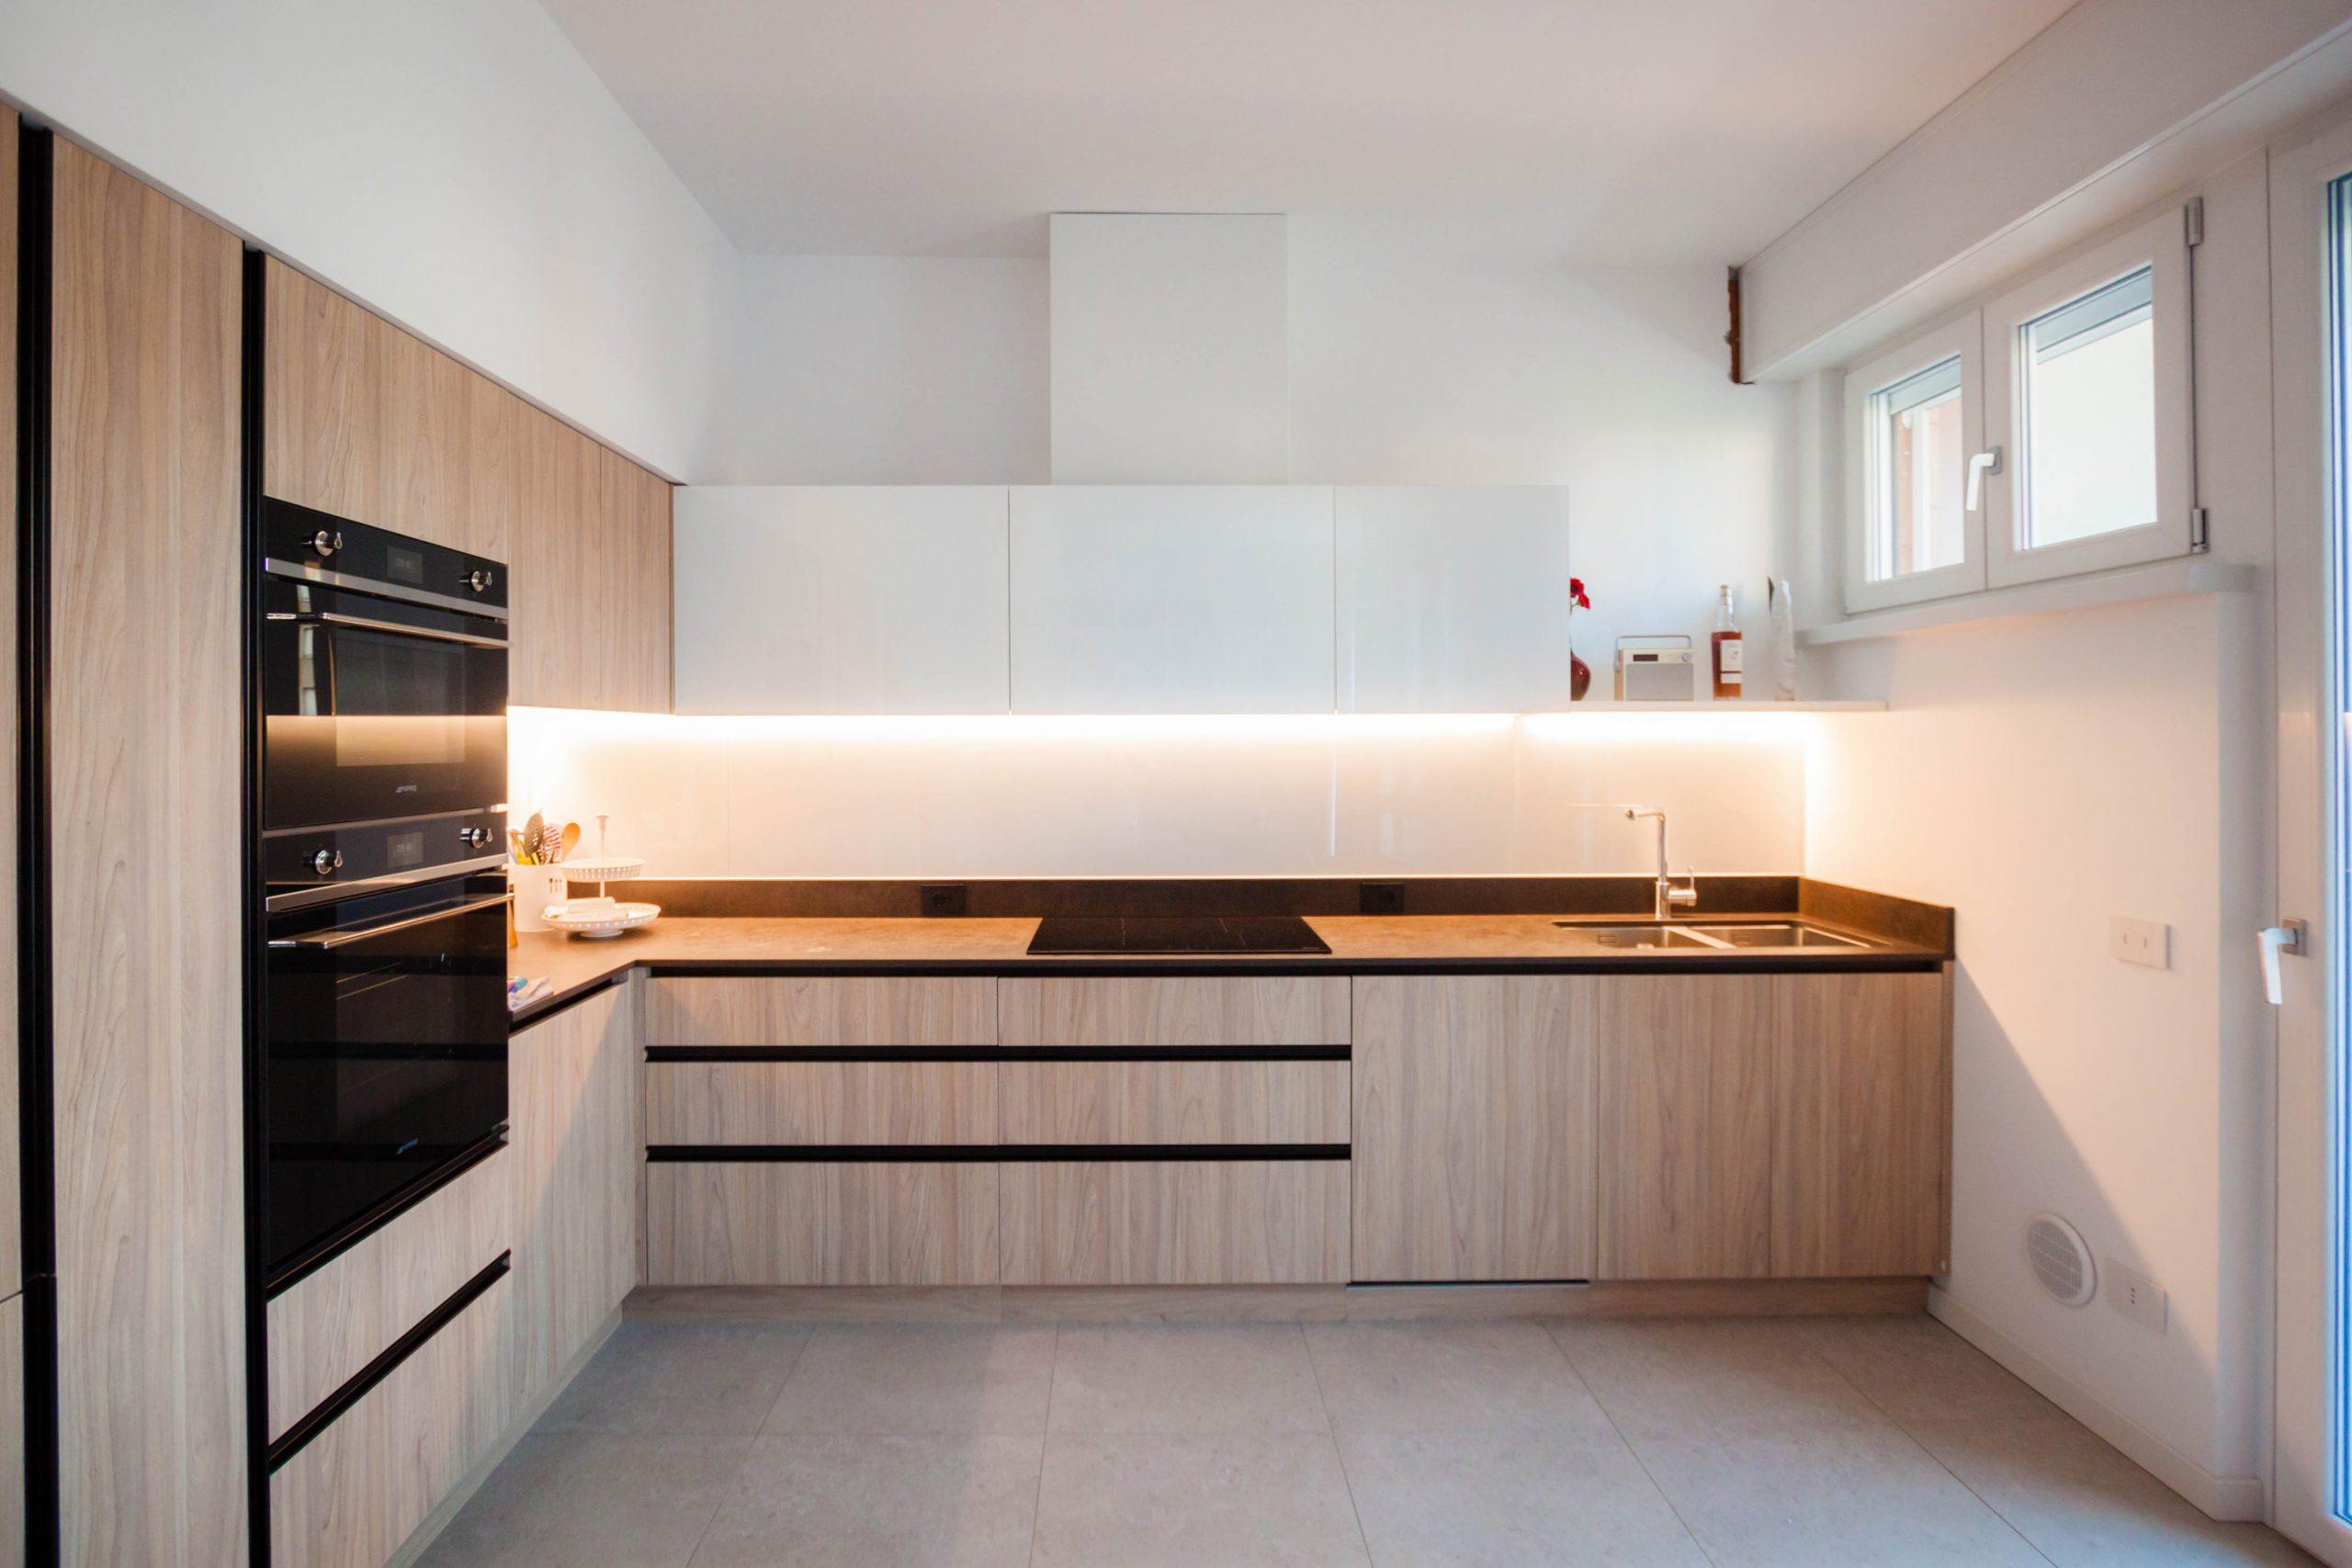 cucina laminato effetto legno pensili bianchi